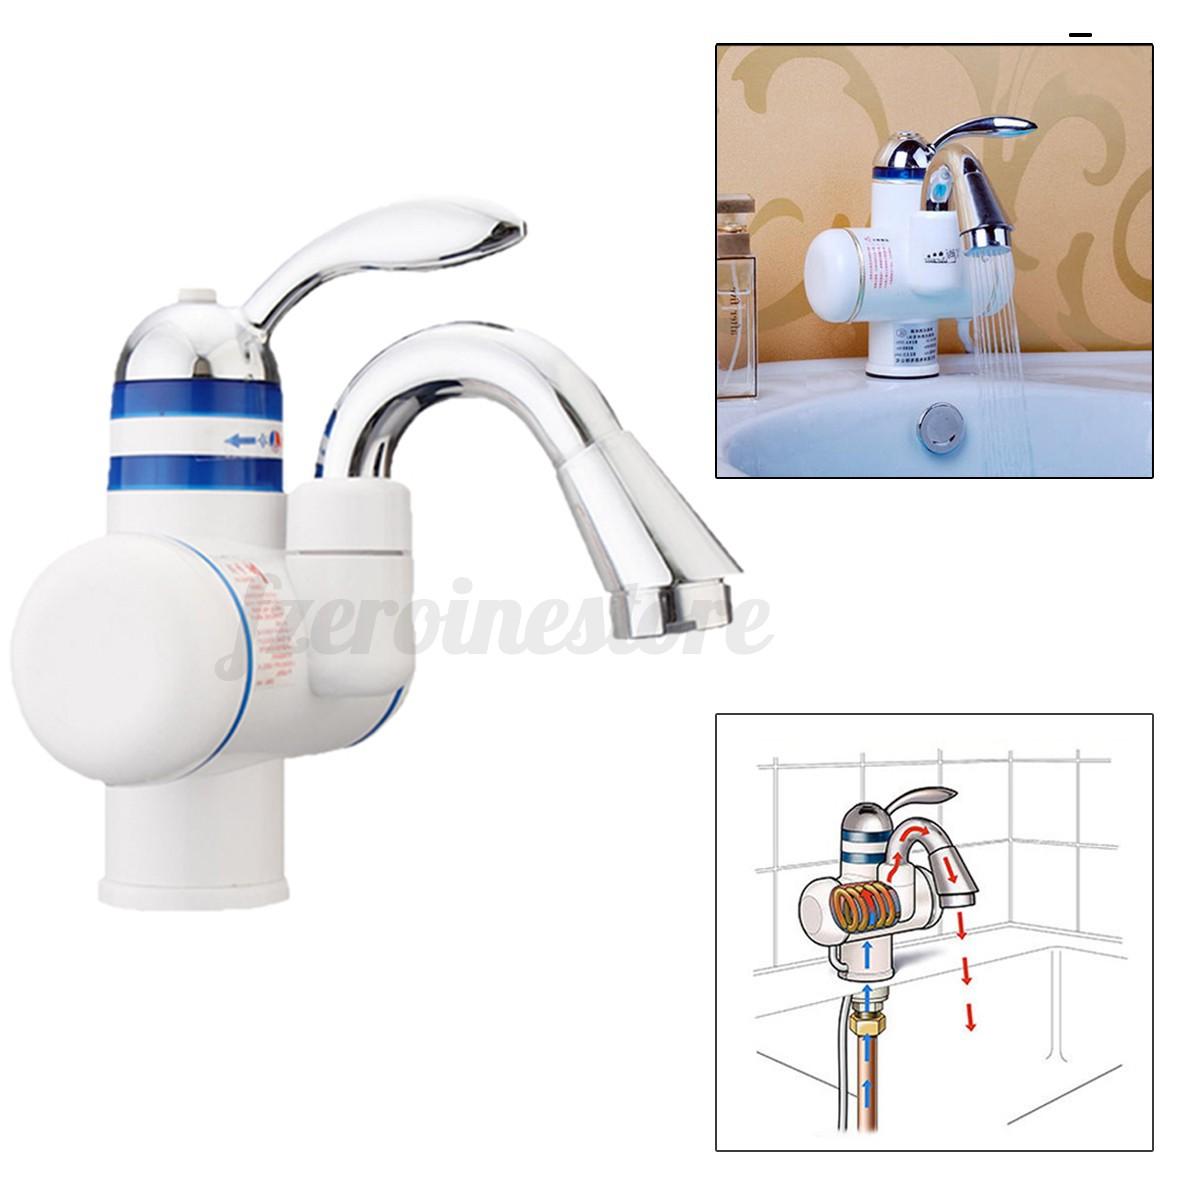 elektrische armatur bad küche elektrisch wasserhahn ... - Durchlauferhitzer 220v Küche